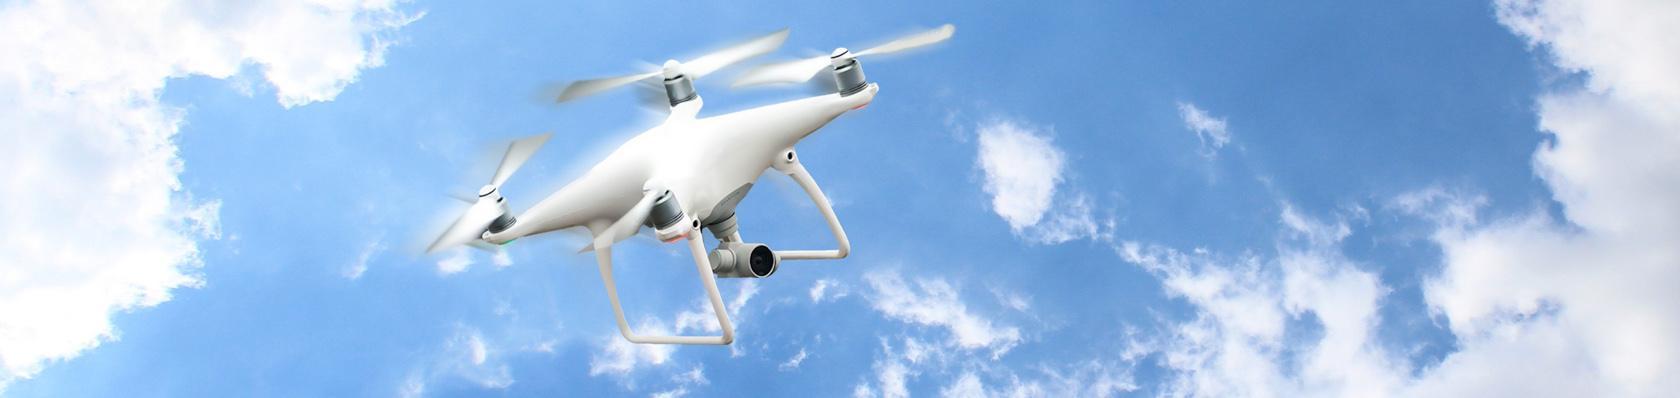 Mini Quadrocopter im Test auf ExpertenTesten.de